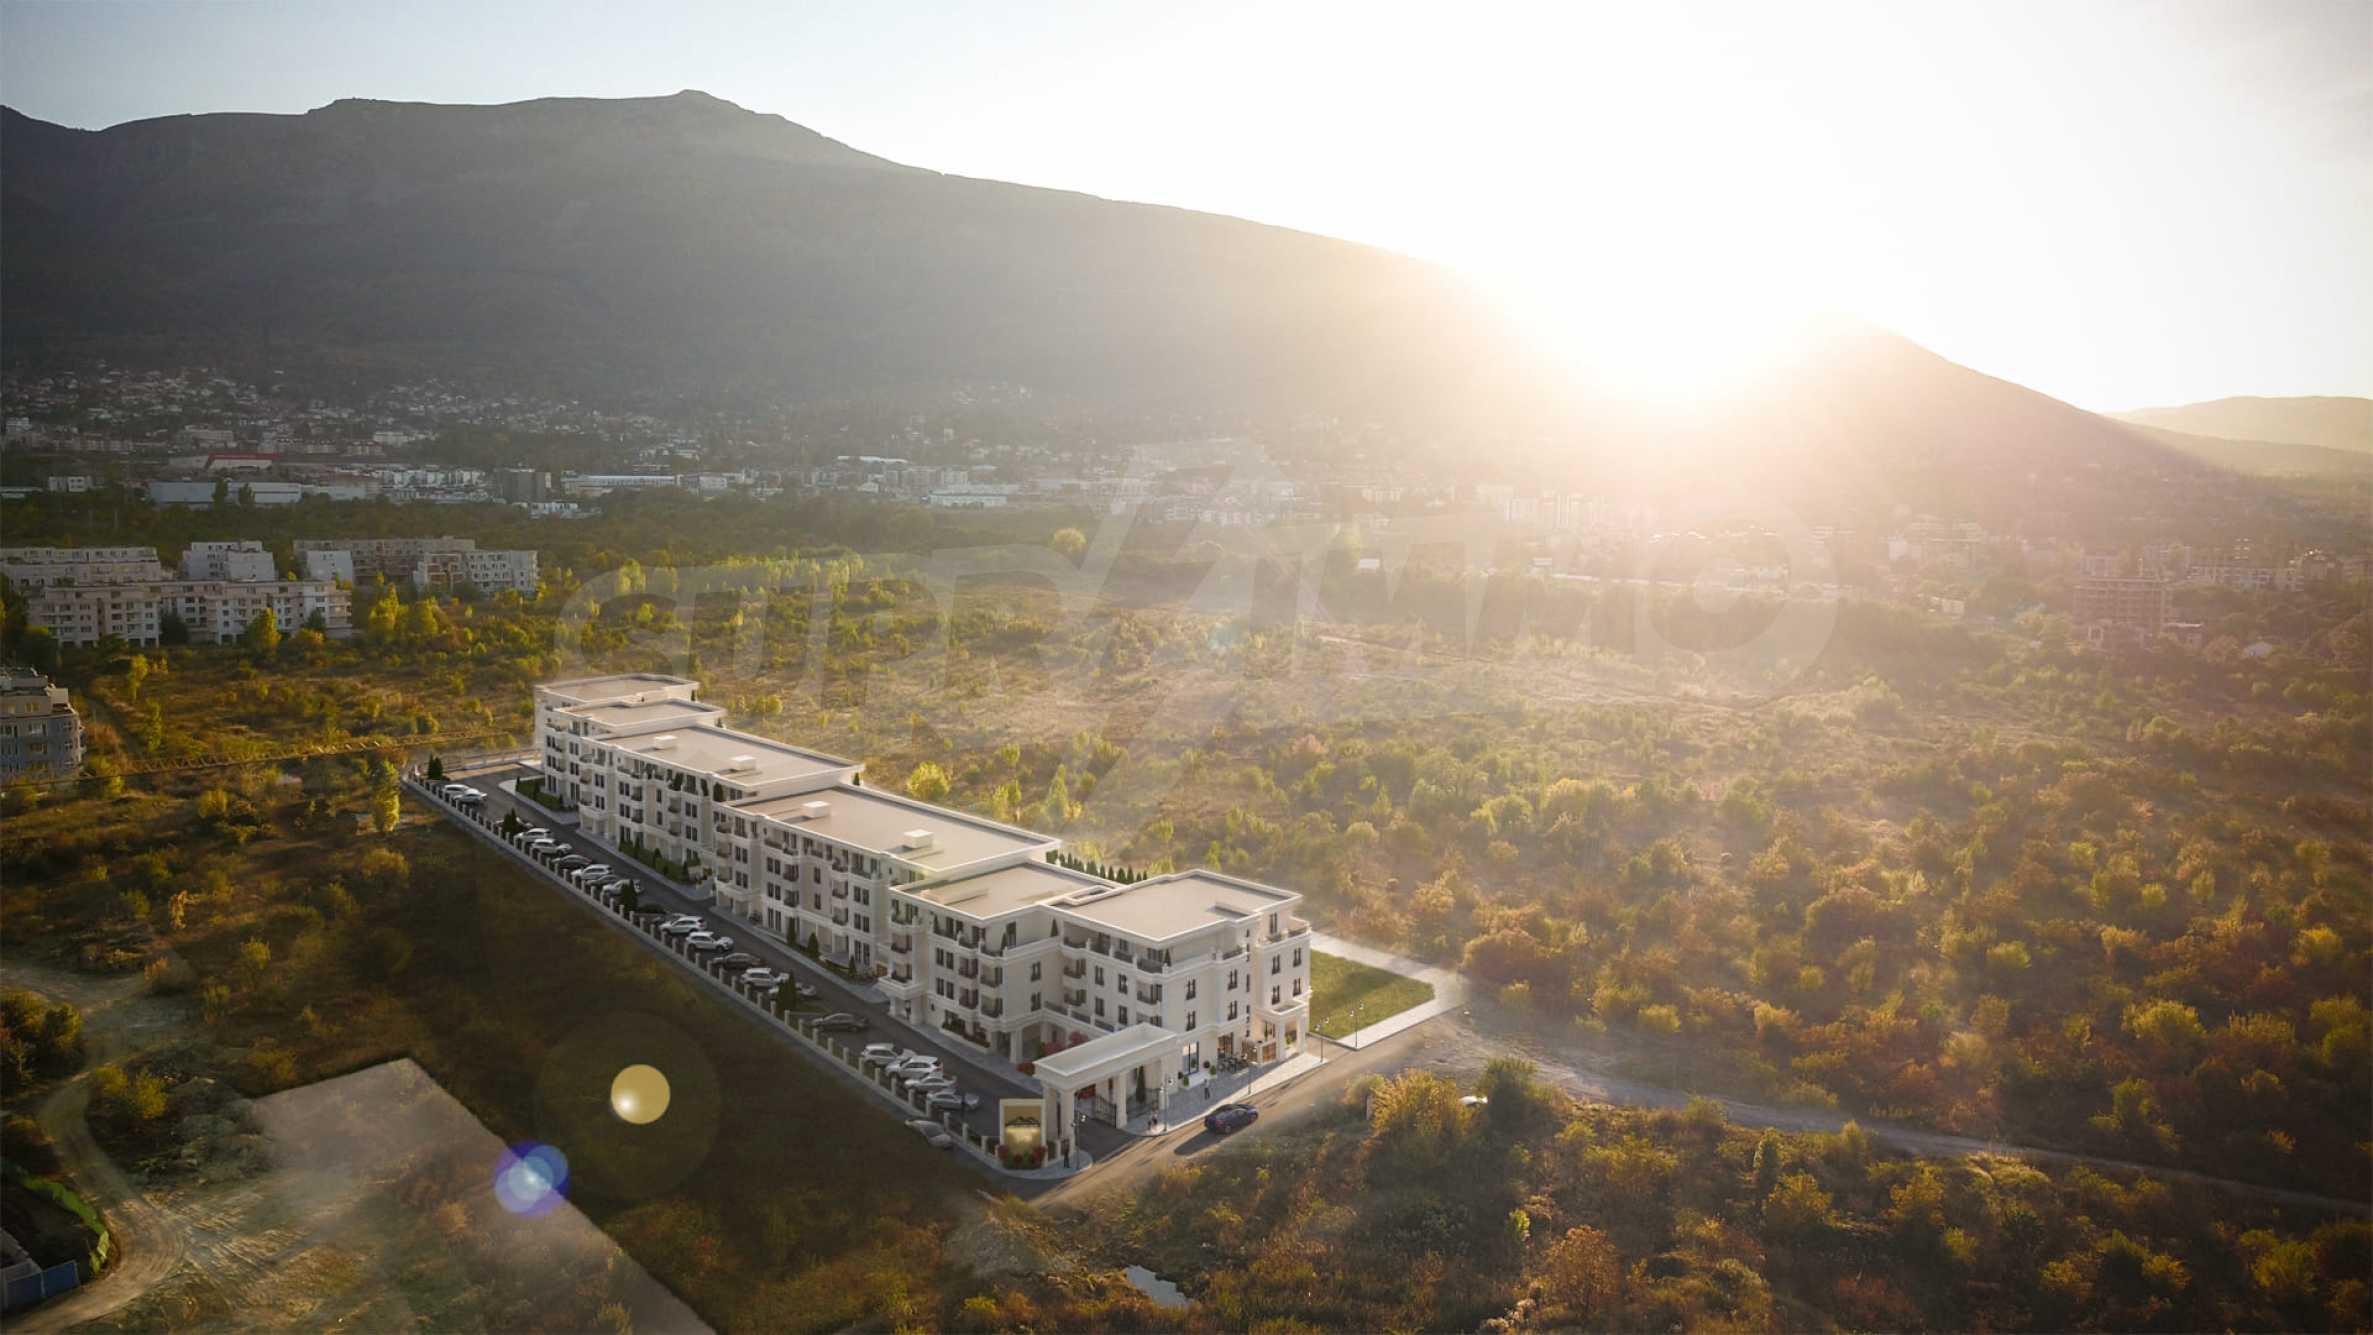 Mountain View Park - an impressive complex in Vitosha district, Sofia 26